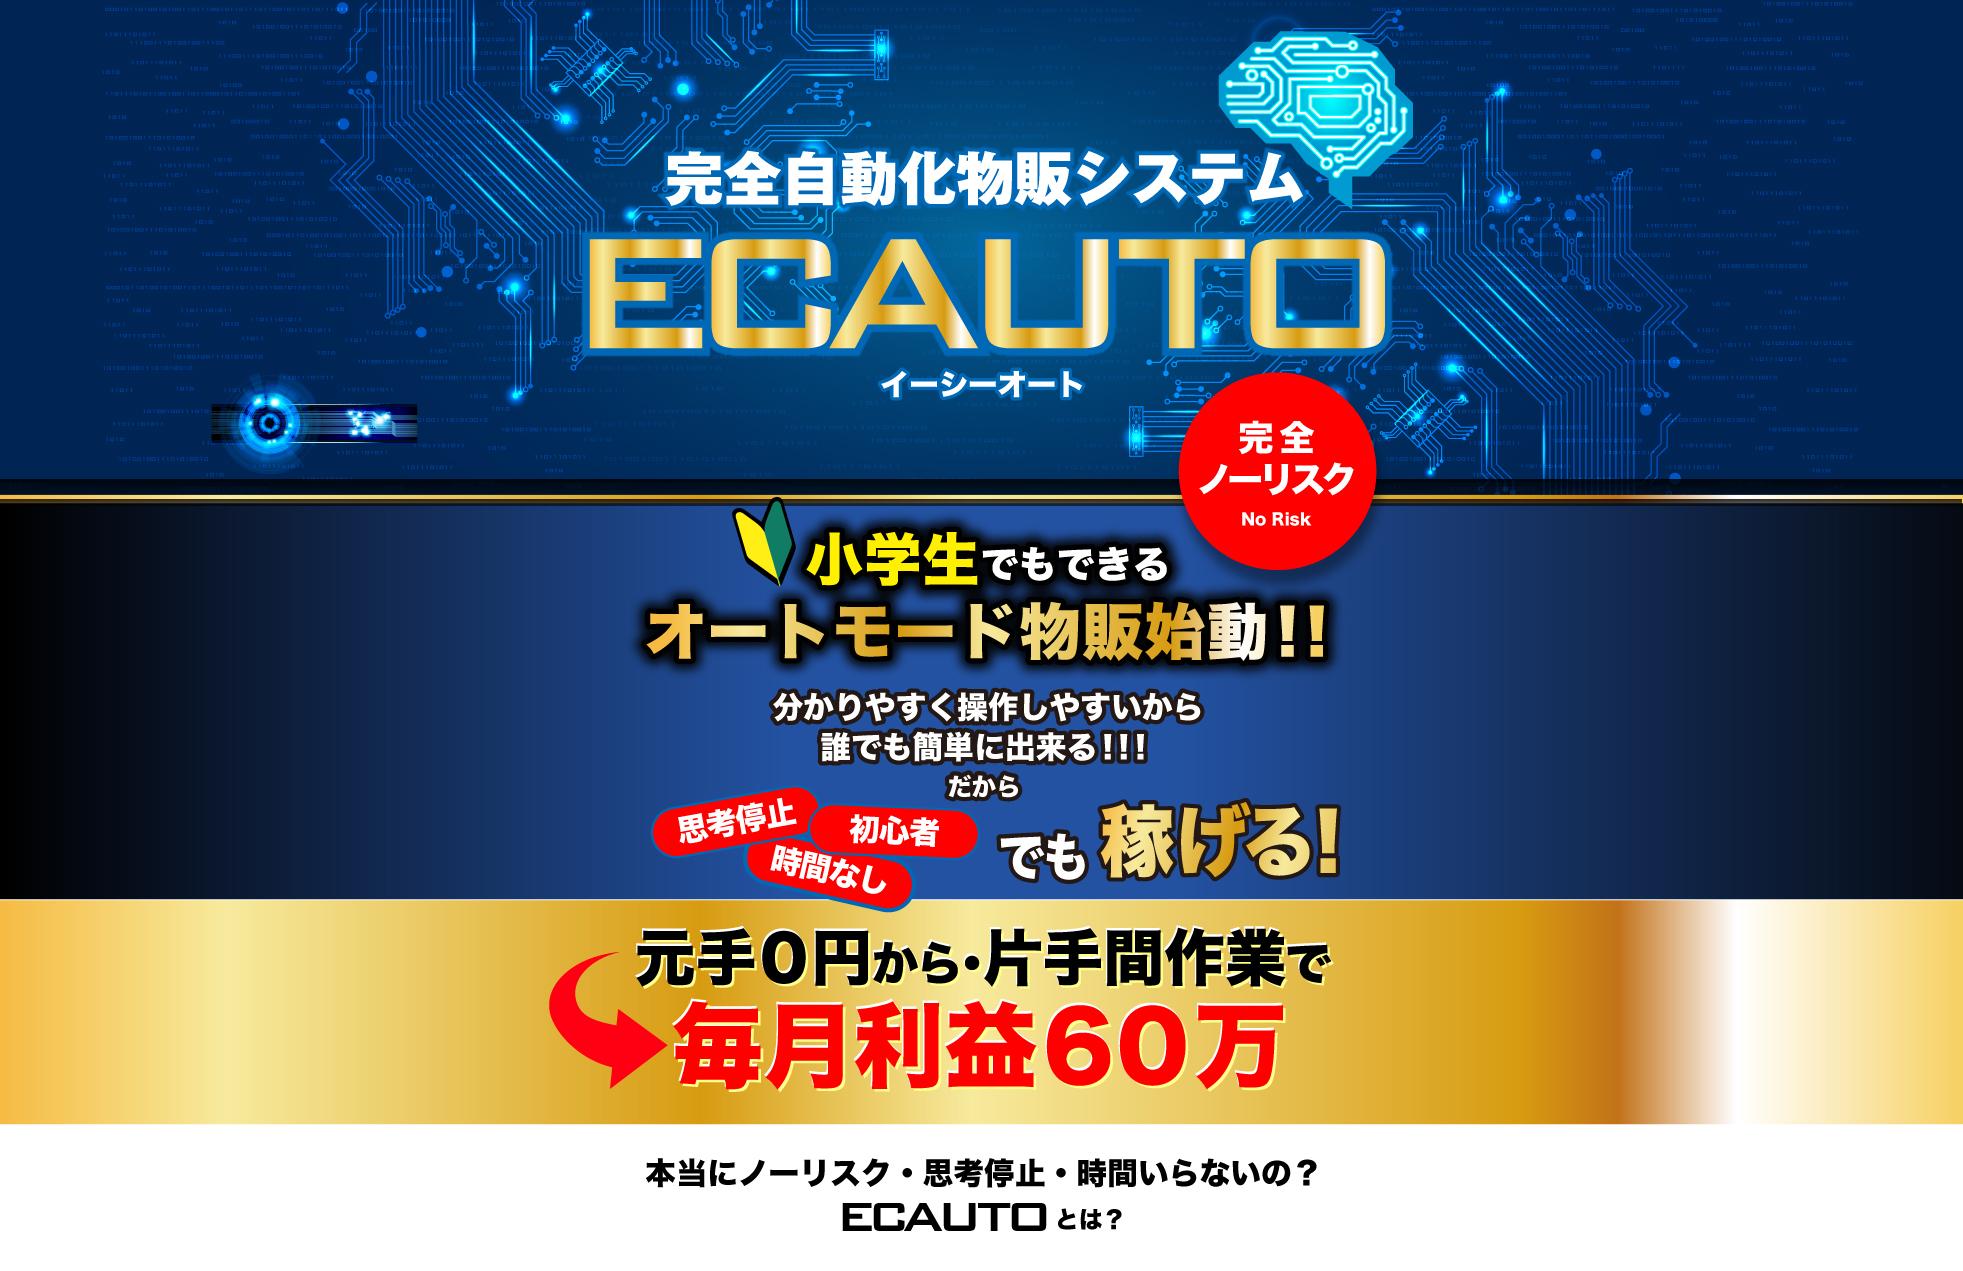 top 1 【TOOL】ECAUTO進め方・使い方マニュアルーTOP- ノーリスク完全自動化物販システム(ヤフオク自動出品ツール)